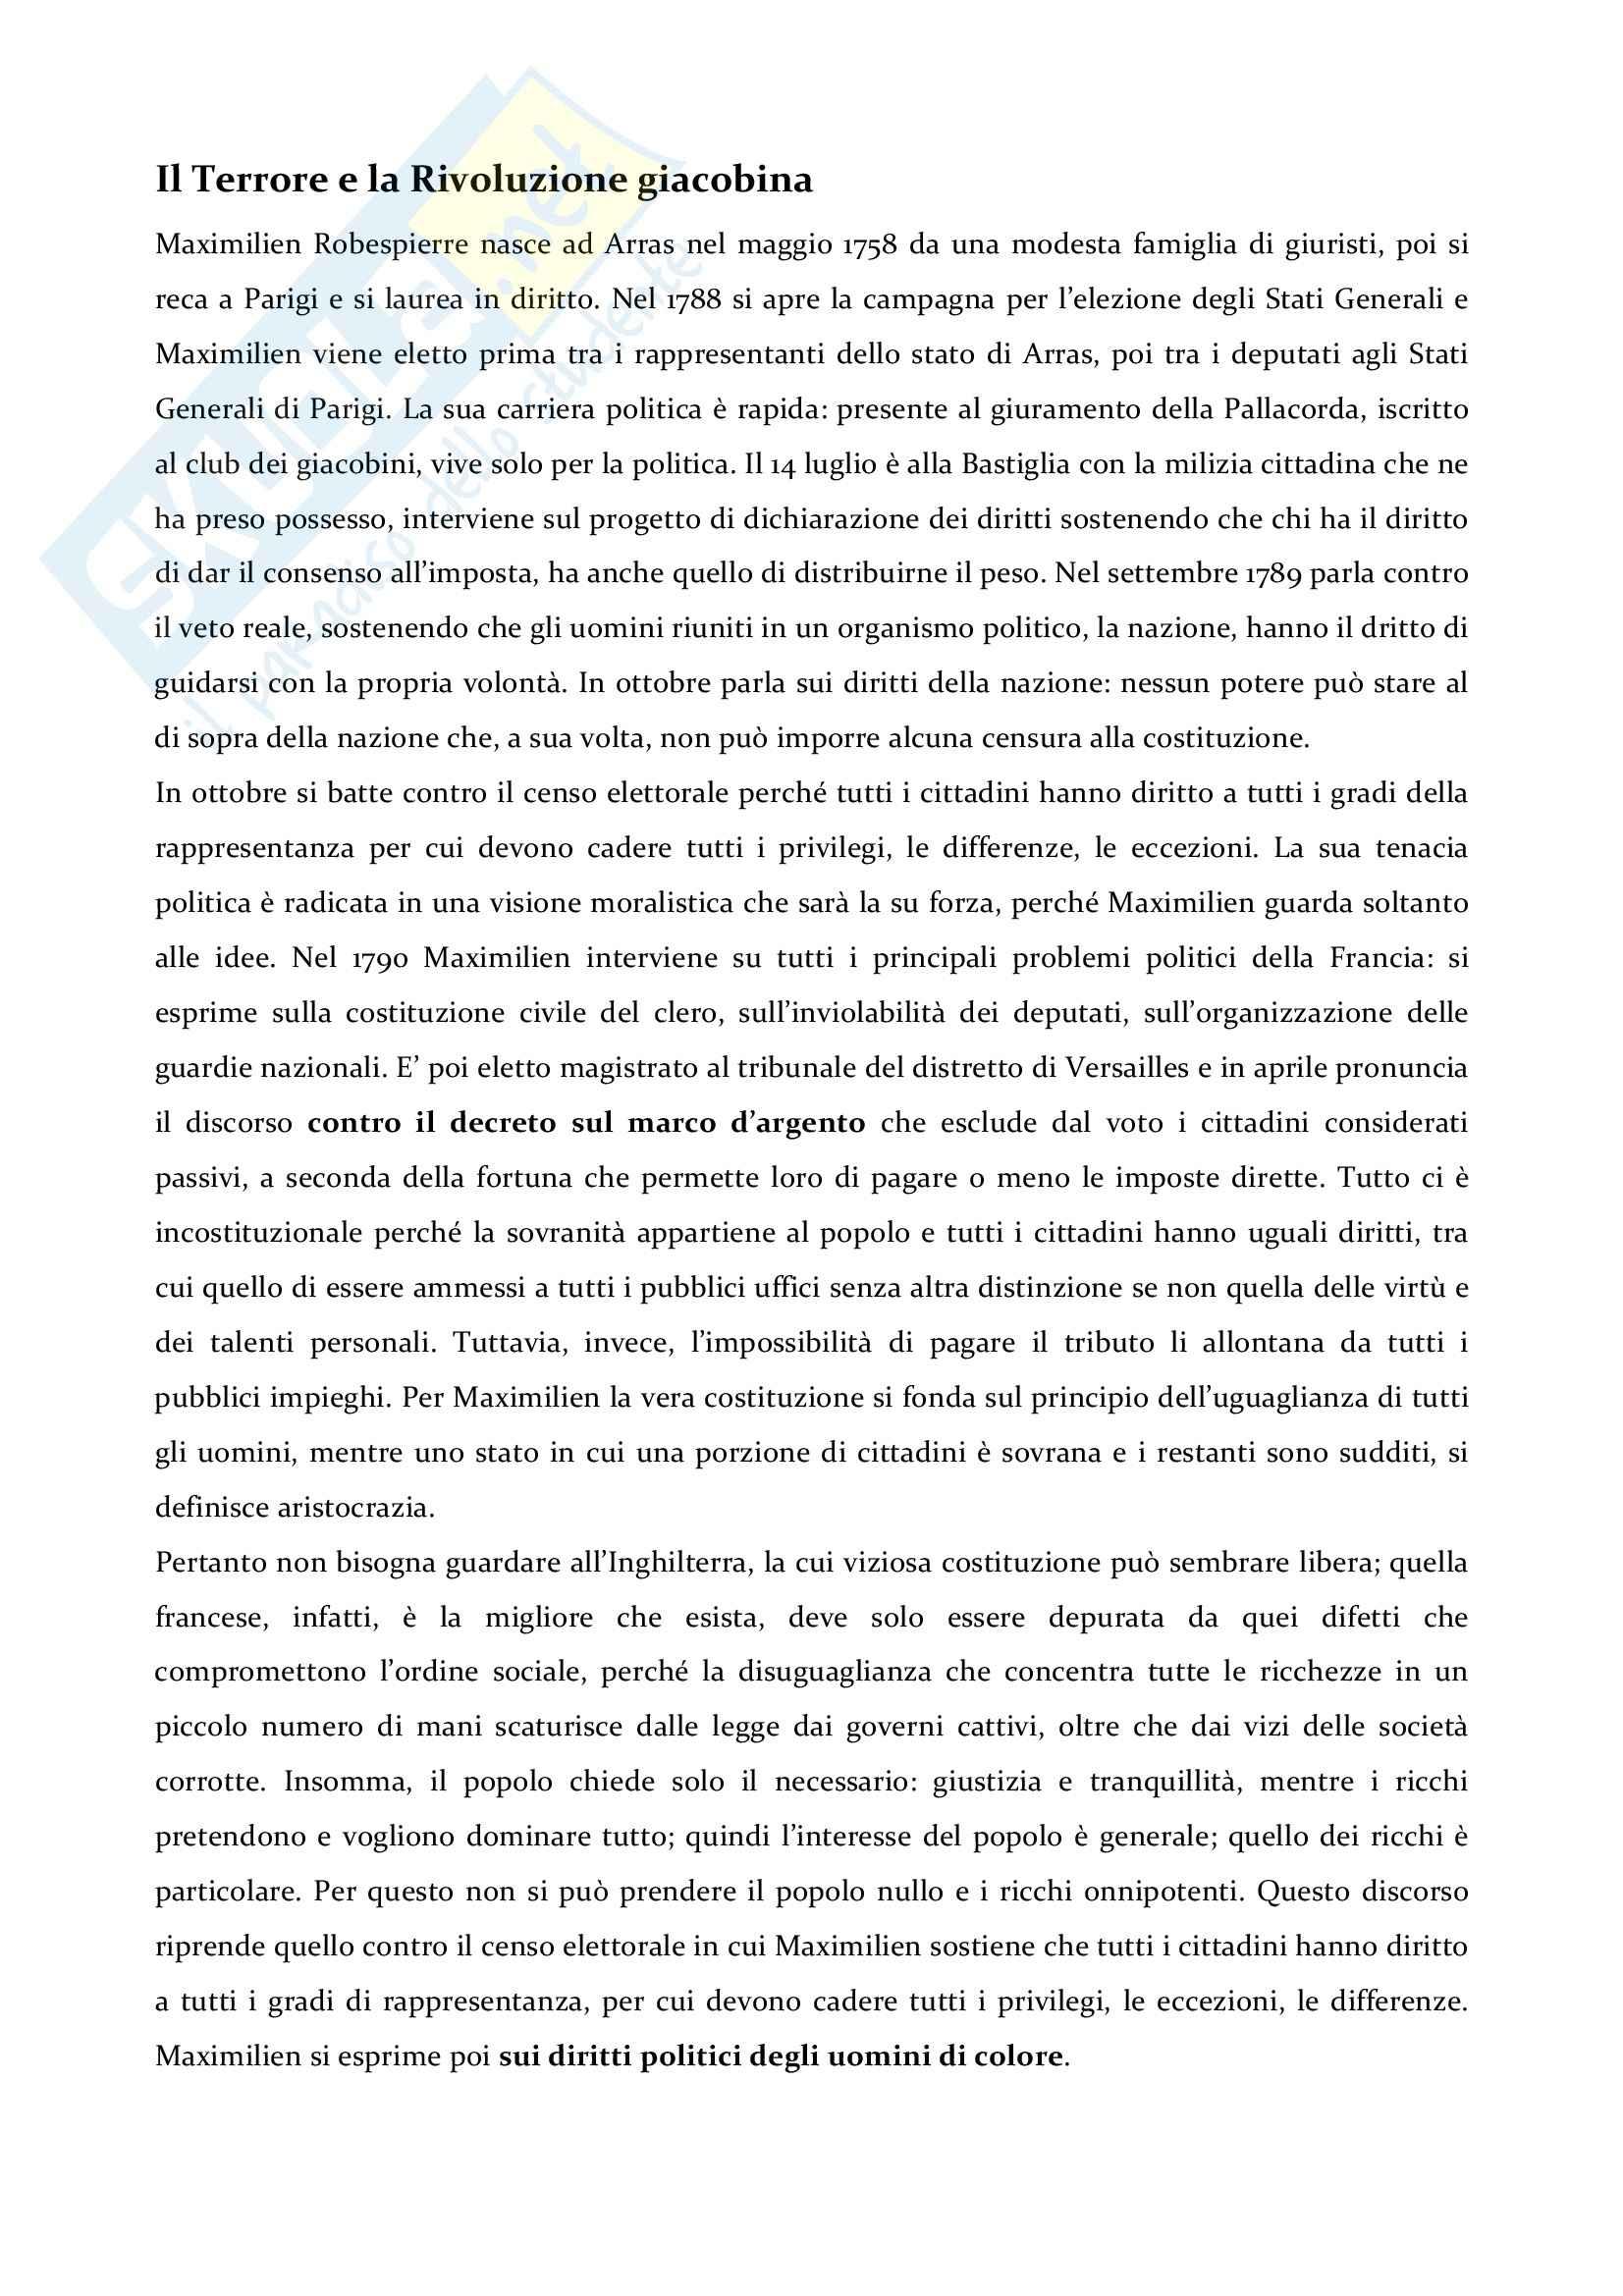 Riassunto esame storia moderna, prof. Imbruglia, libro consigliato Il Terrore e la Rivoluzione giacobina, Robespierre